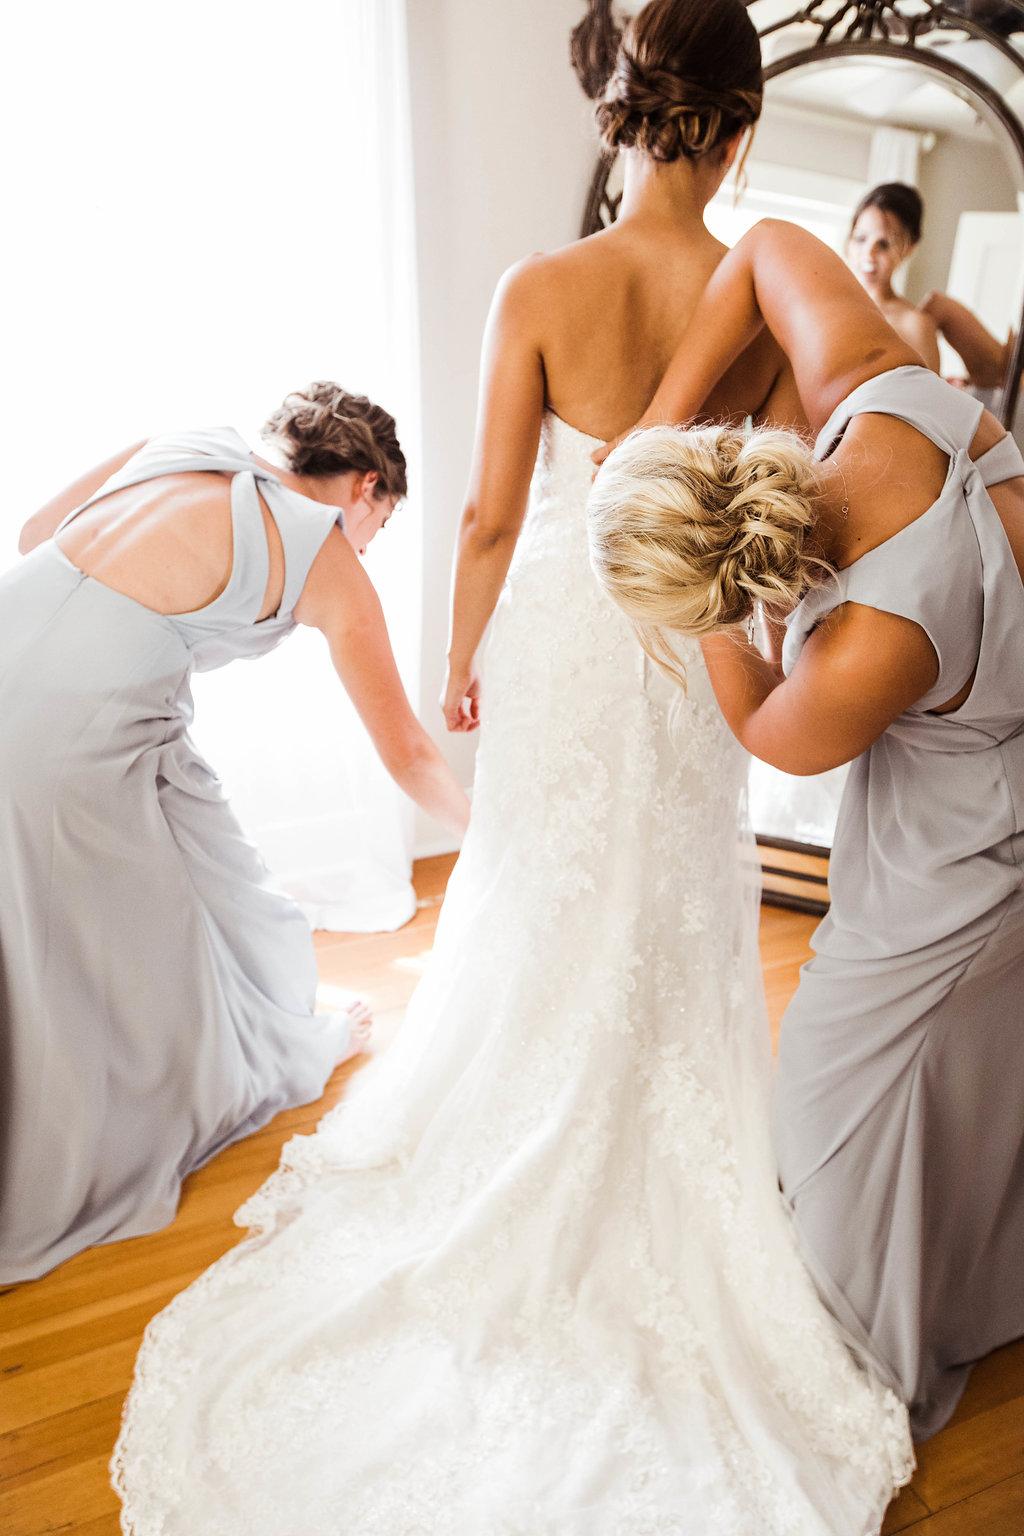 Erin+Tyson_The_Kelley_Farm_Wedding_by_Adina_Preston_Weddings_96.JPG